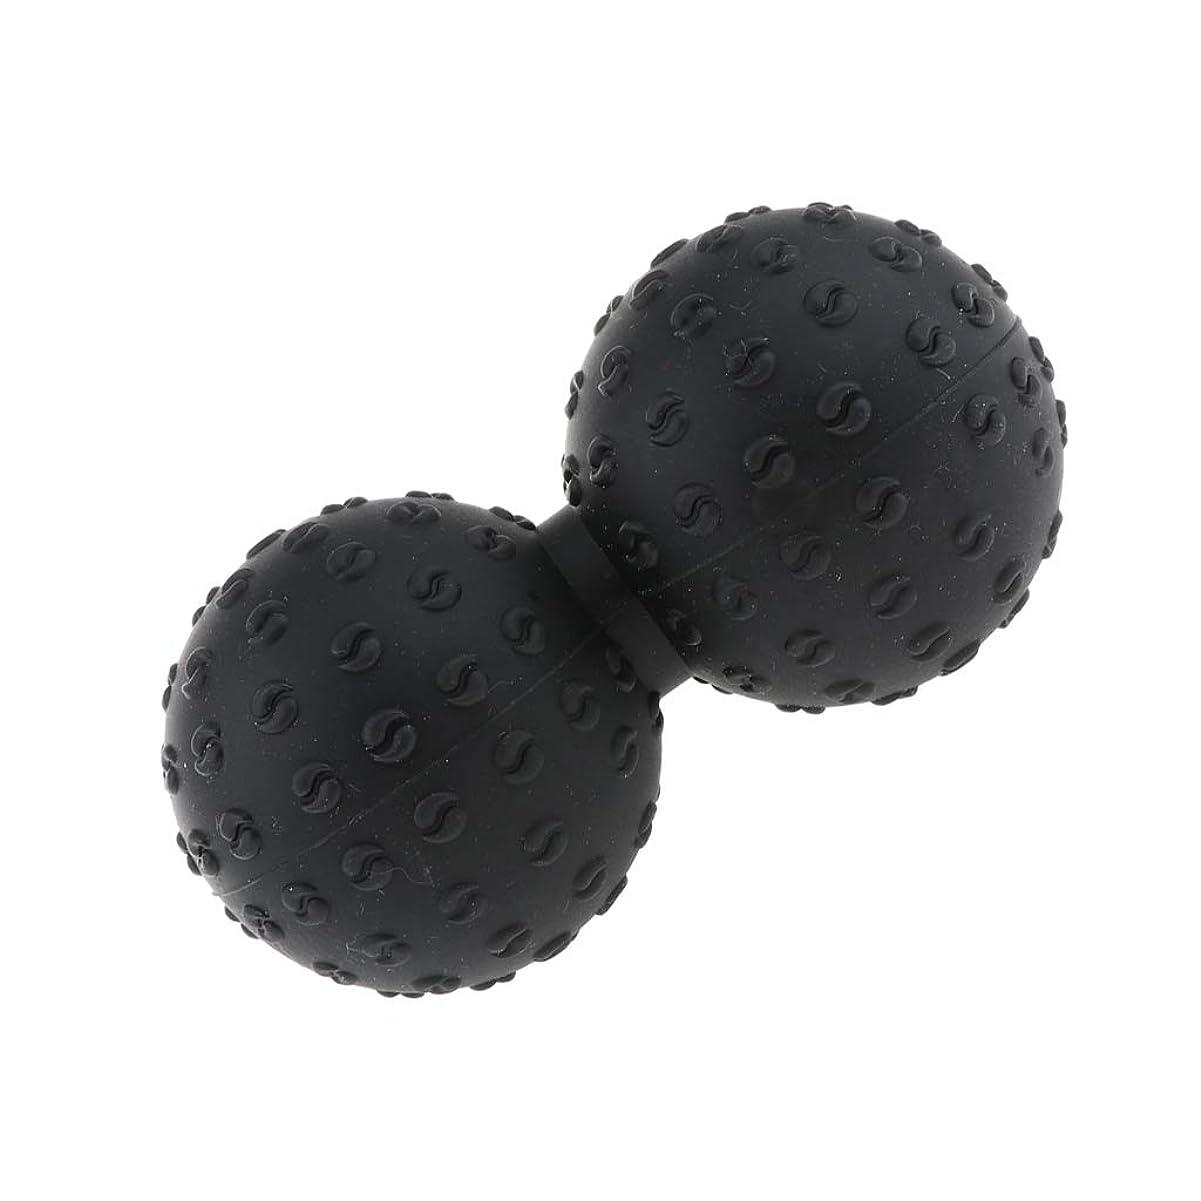 集団的メロドラマティック水分CUTICATE マッサージボール 指圧ボール シリコン ピーナッツ トリガーポイント 肩、足、腕など 解消 全6色 - ブラック, 説明のとおり